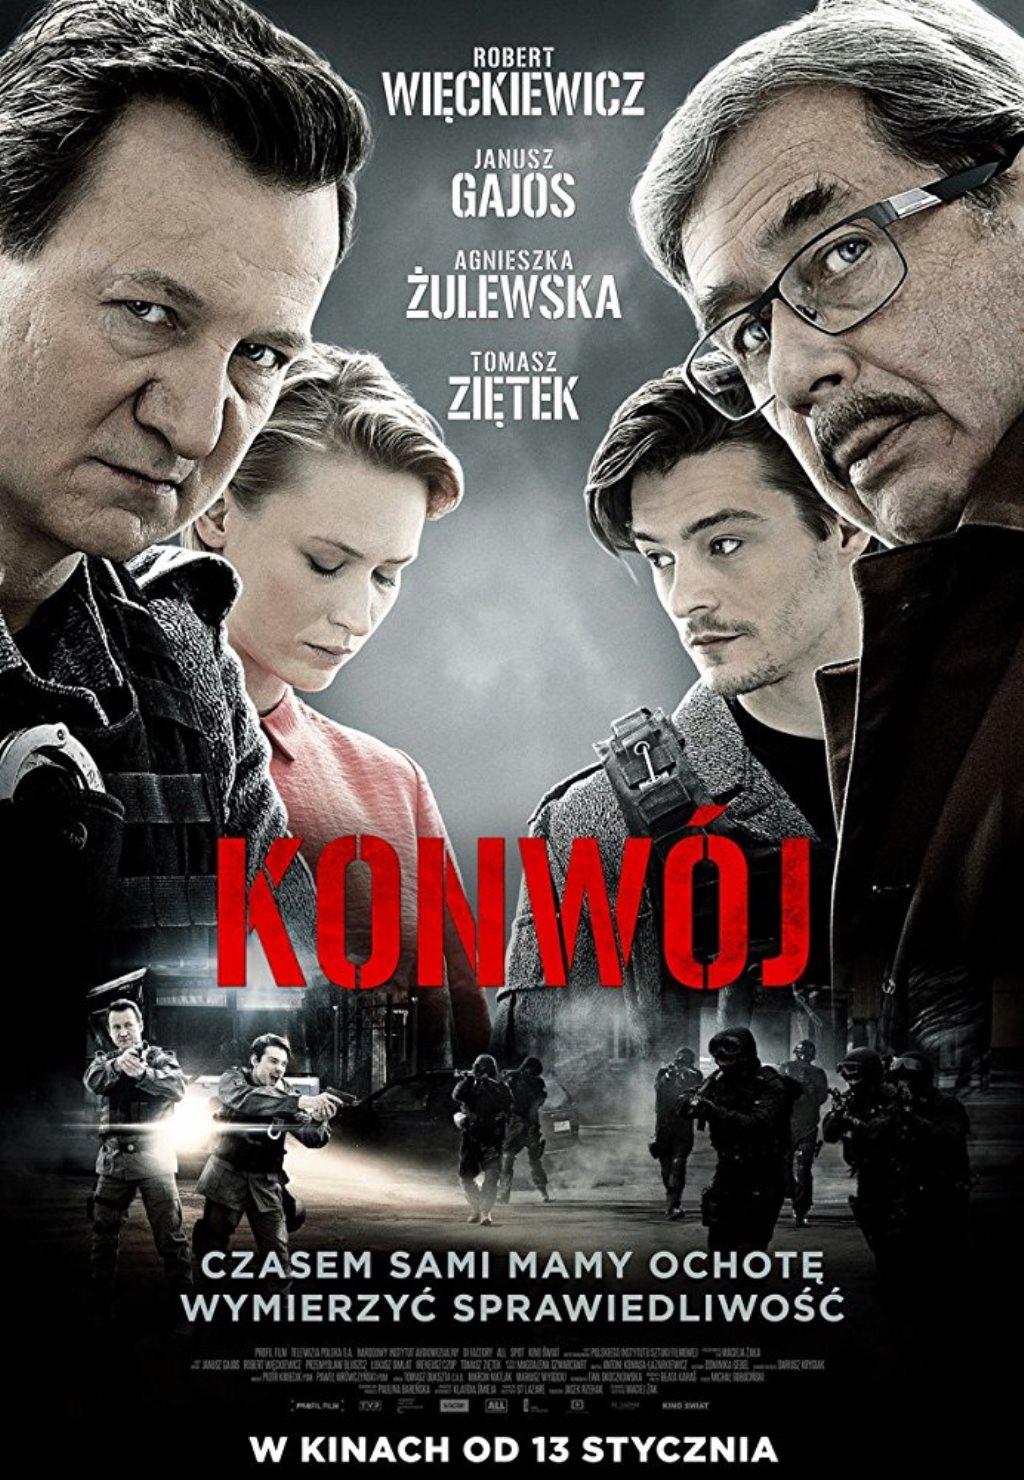 Lenkų kino savaitė : Konvojus (KONWÓJ)